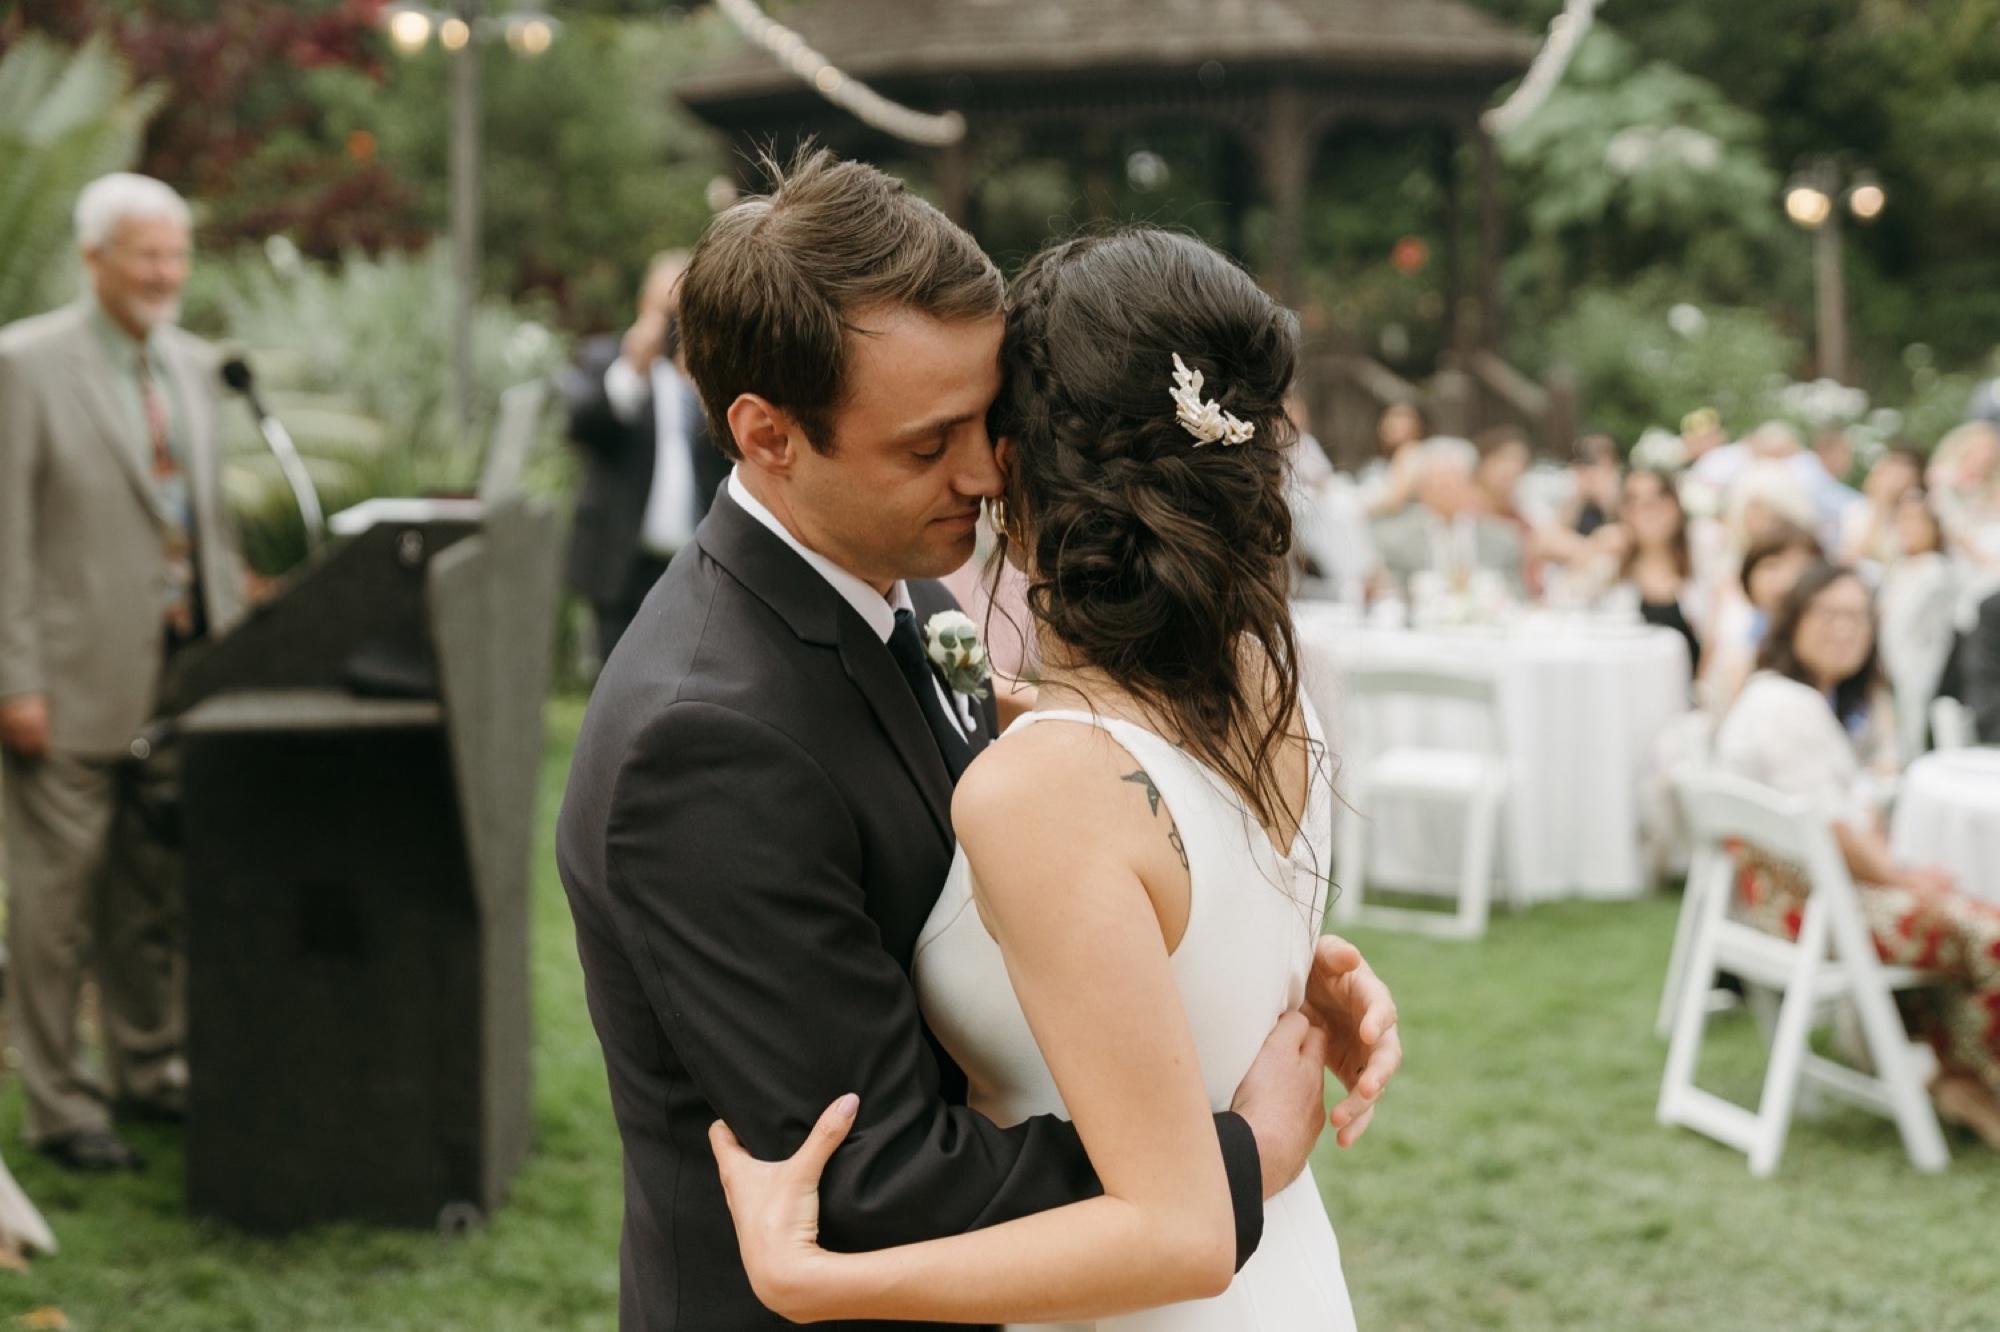 066_Shawna and Steve's Wedding-425.jpg